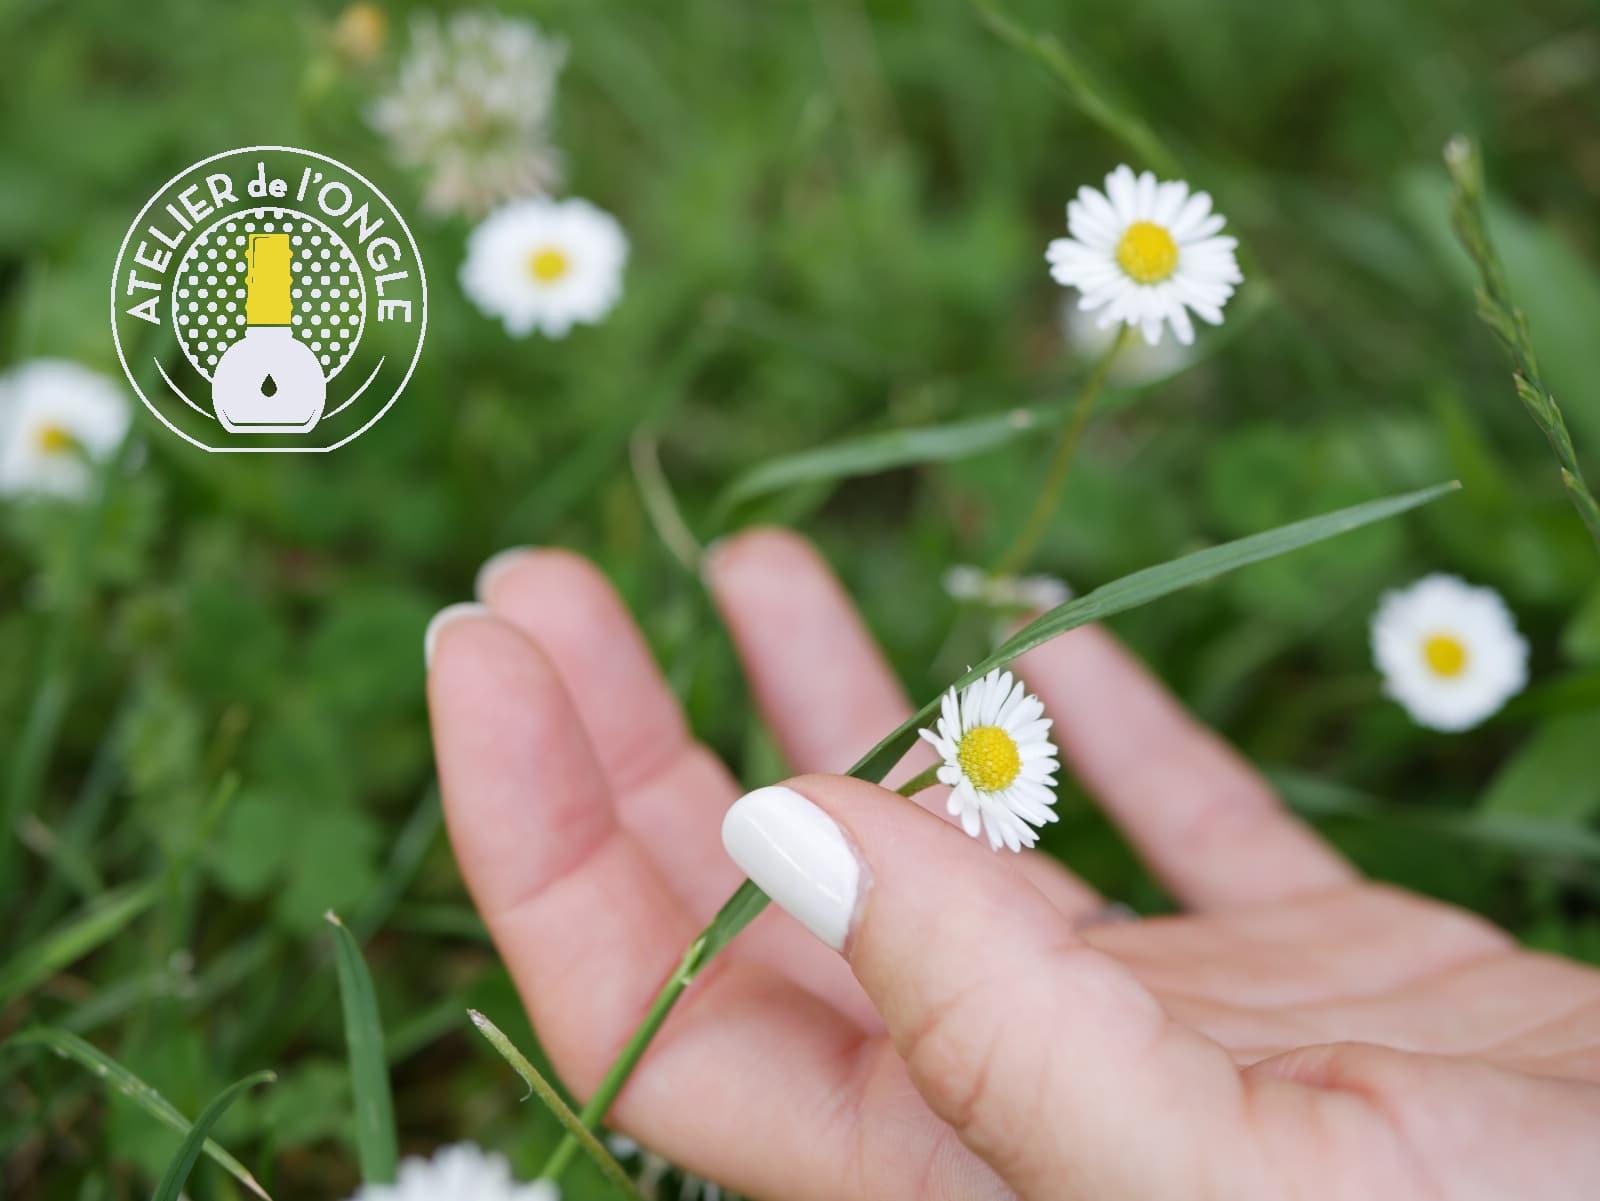 Vernis semi-permanent blanc accompagnée d'une paquerette realisée par Laurie Atelier de l'ongle